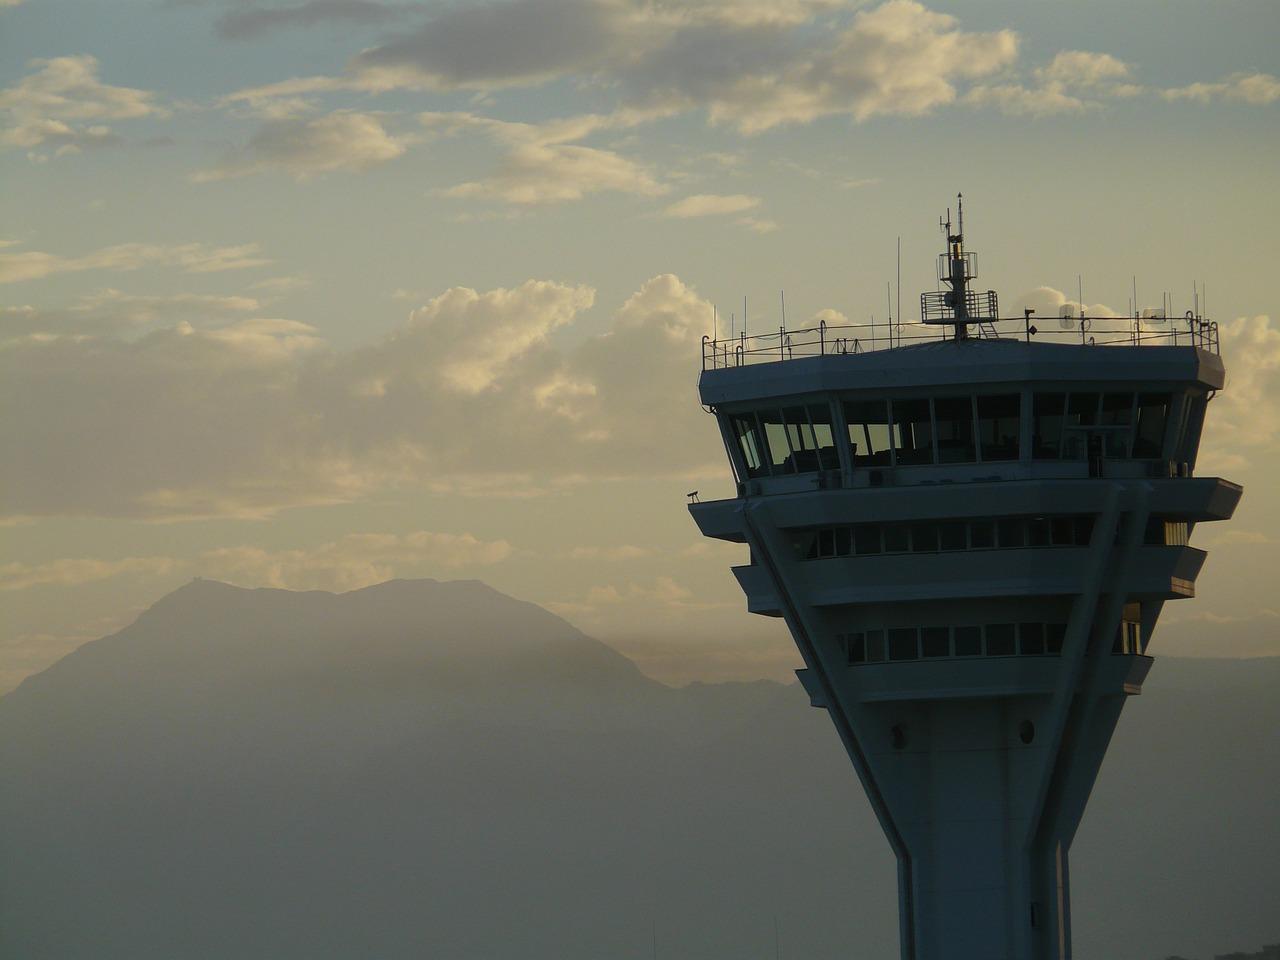 Luchtverkeersleider